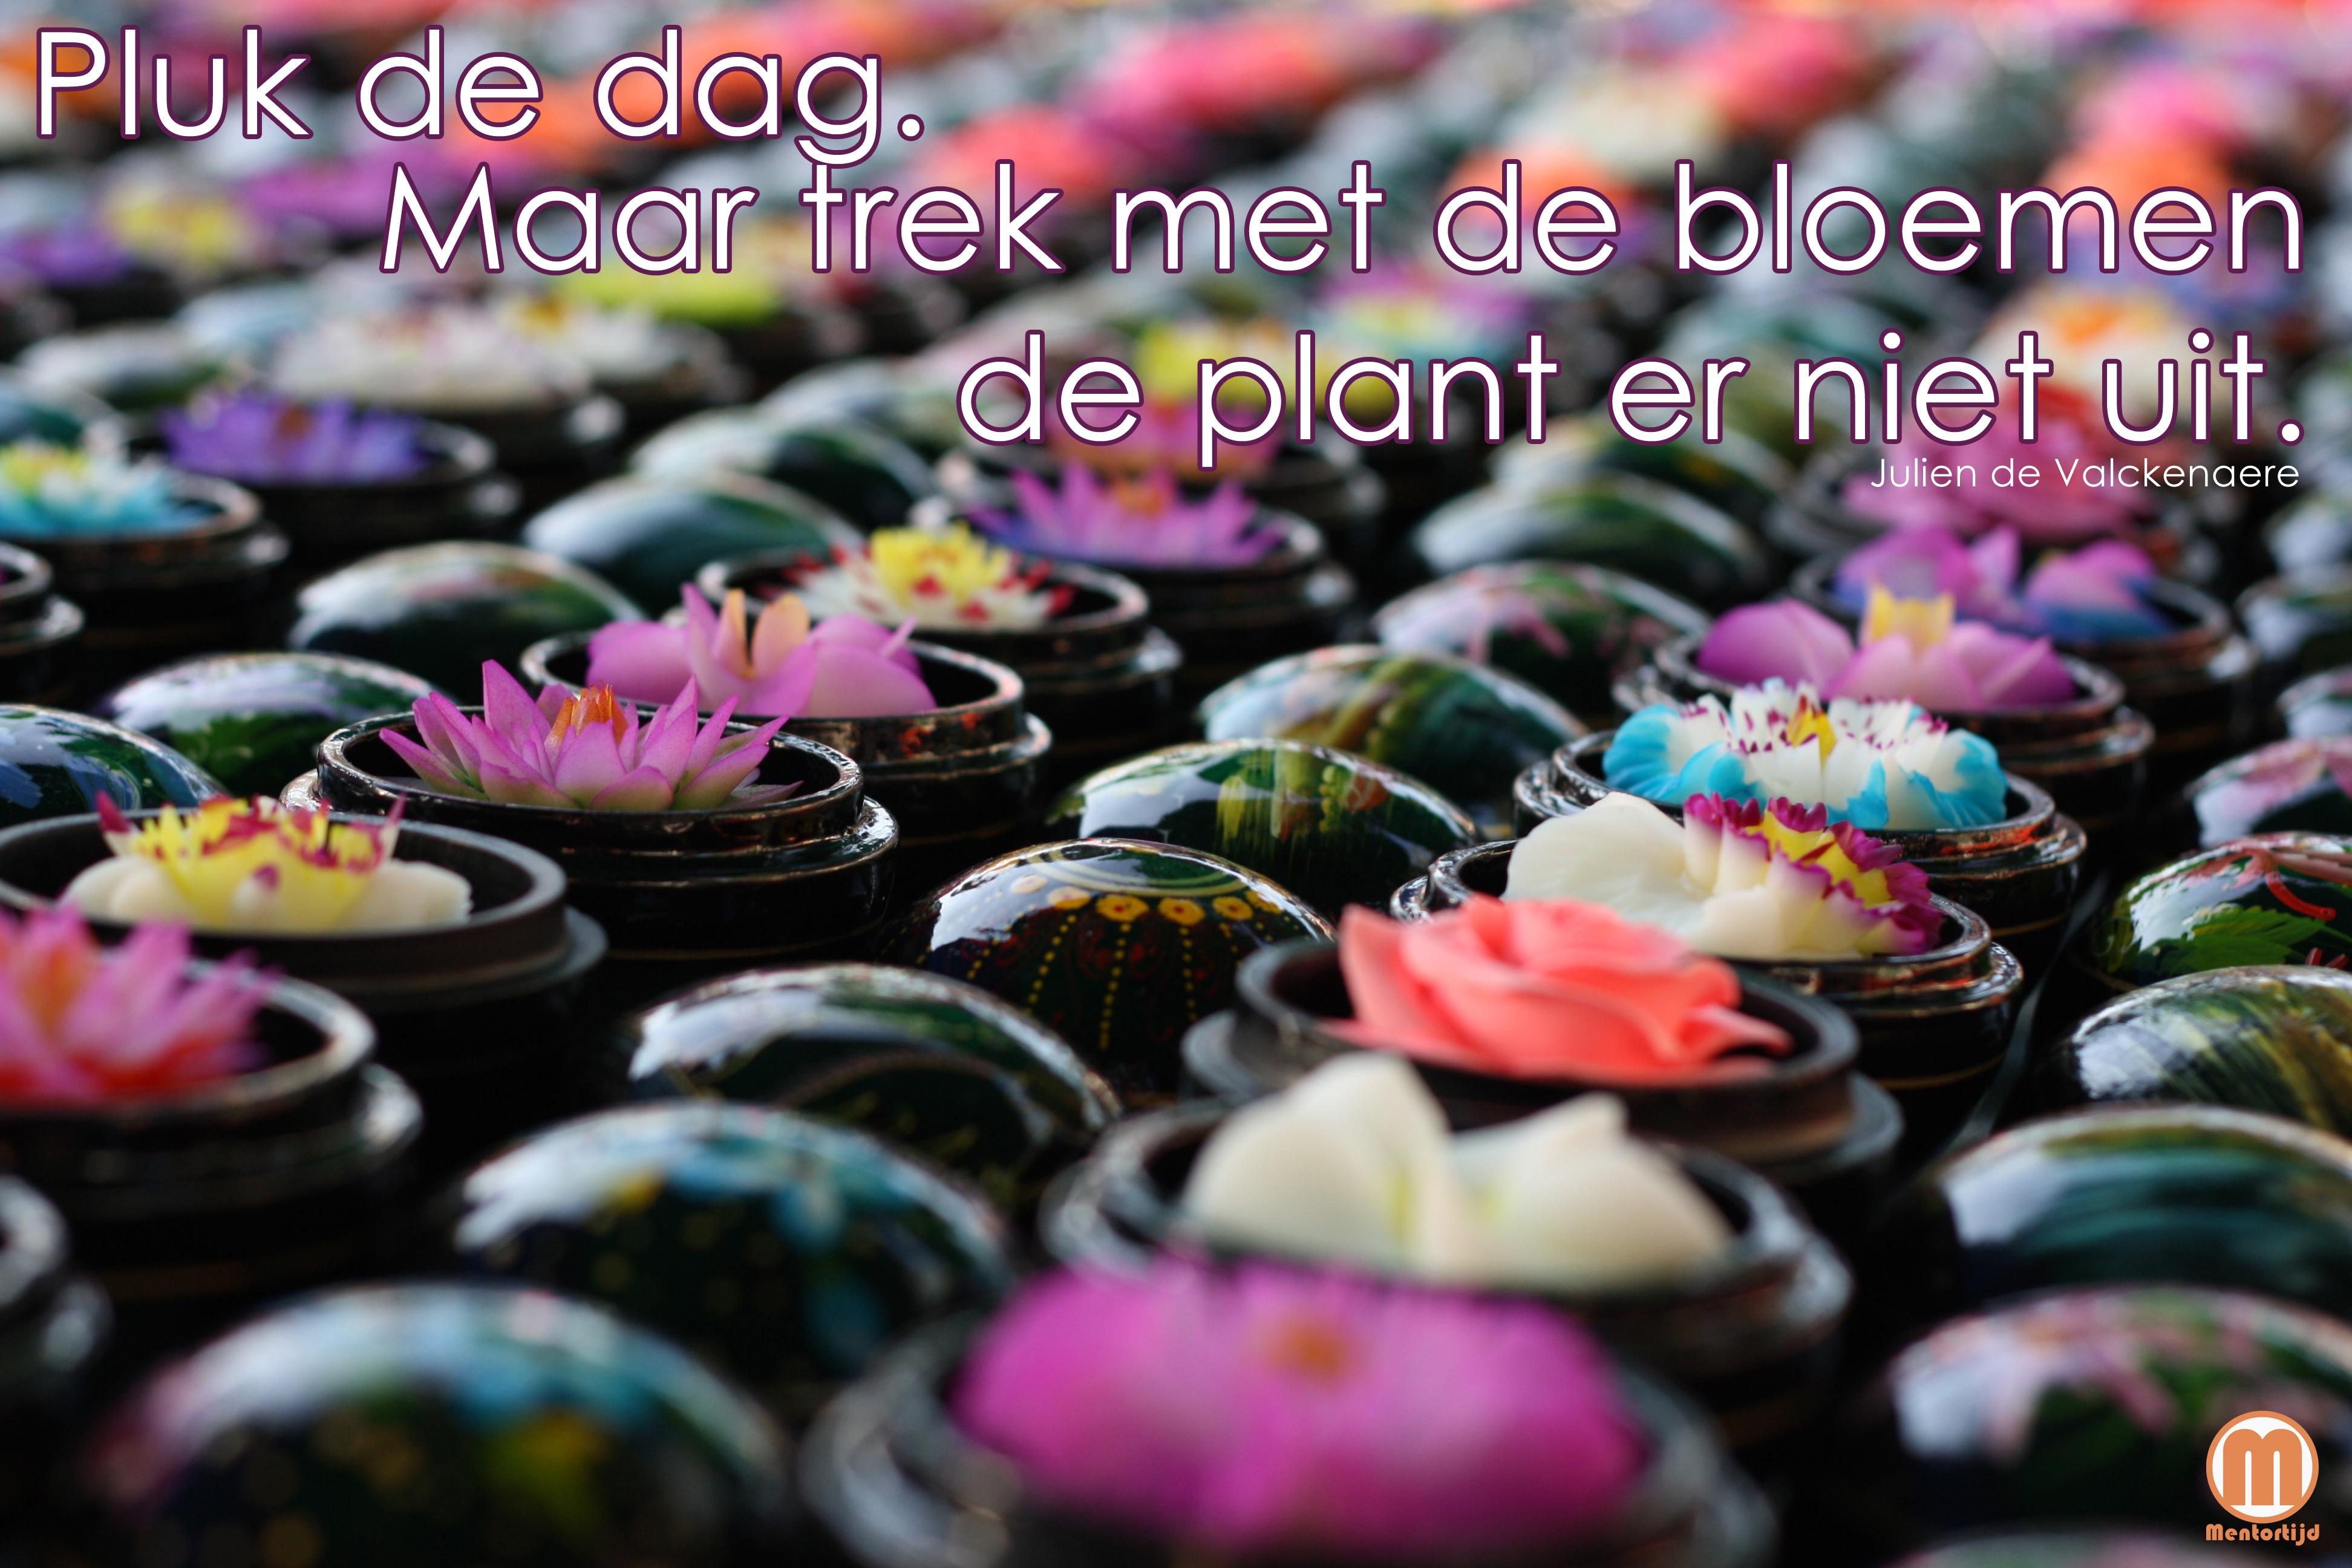 spreuken over bloemen Genoeg Spreuken Over Bloemen XPW 38 | Wofosogo spreuken over bloemen